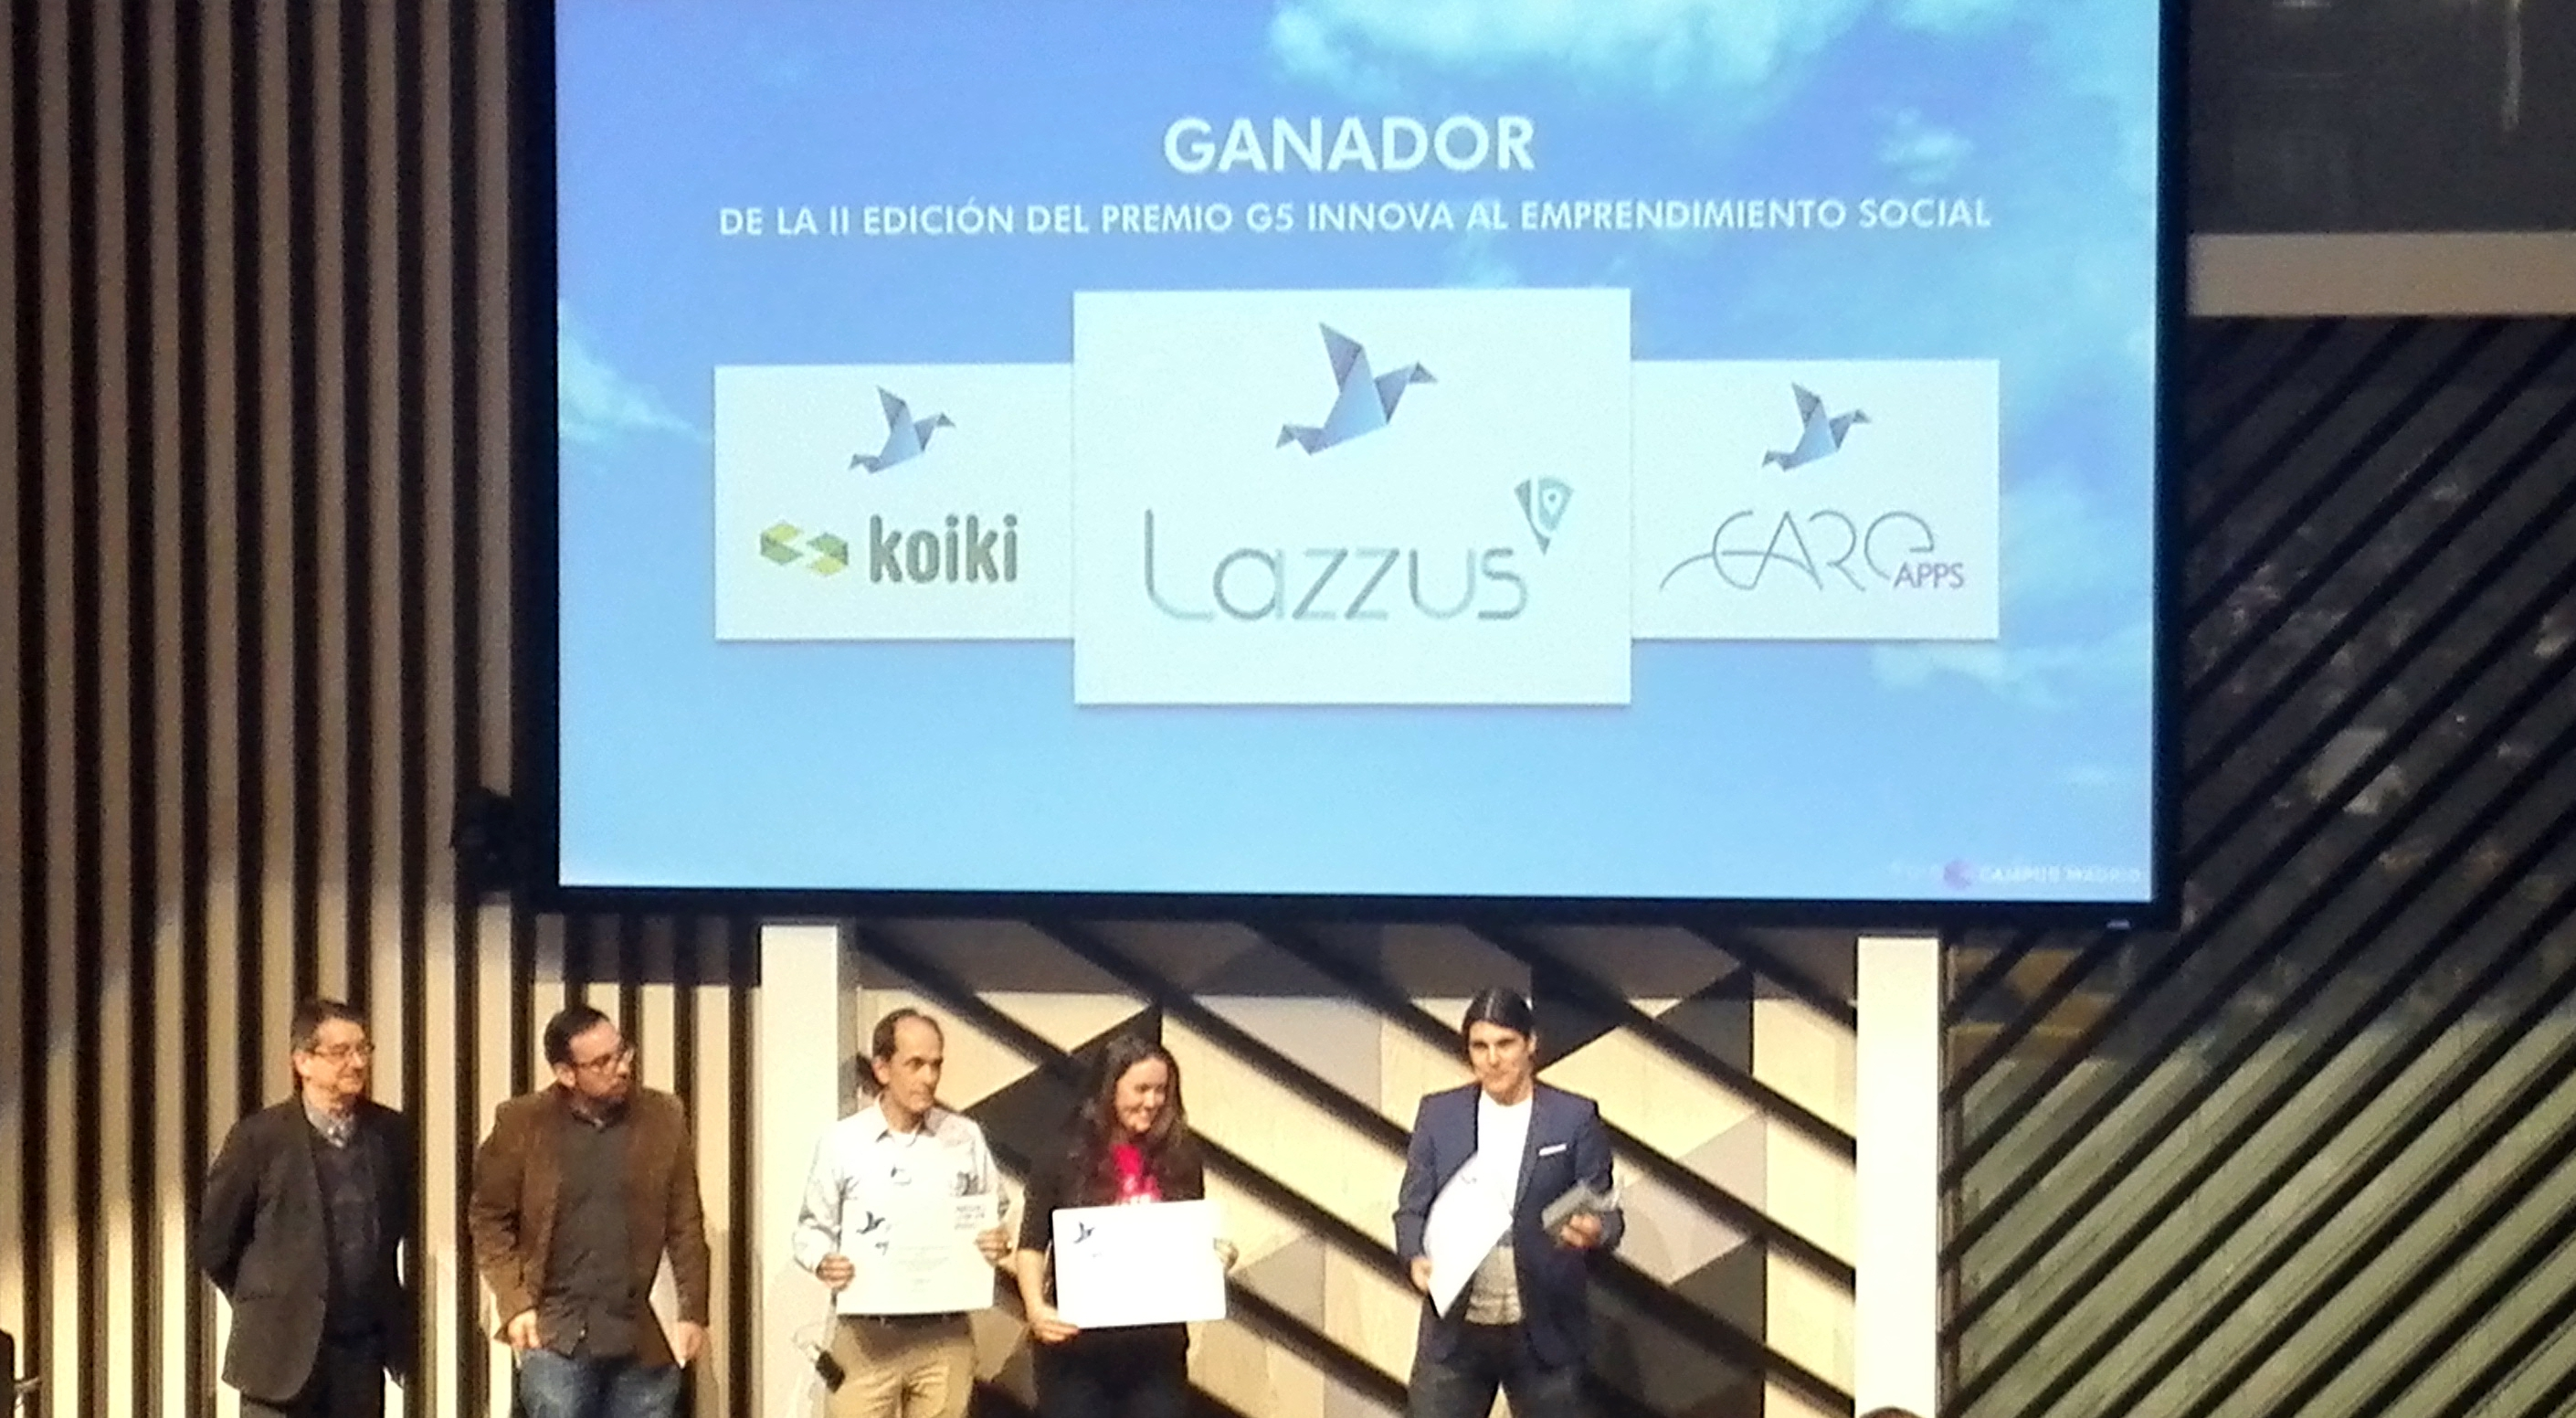 lazzus-premio-g5-innova